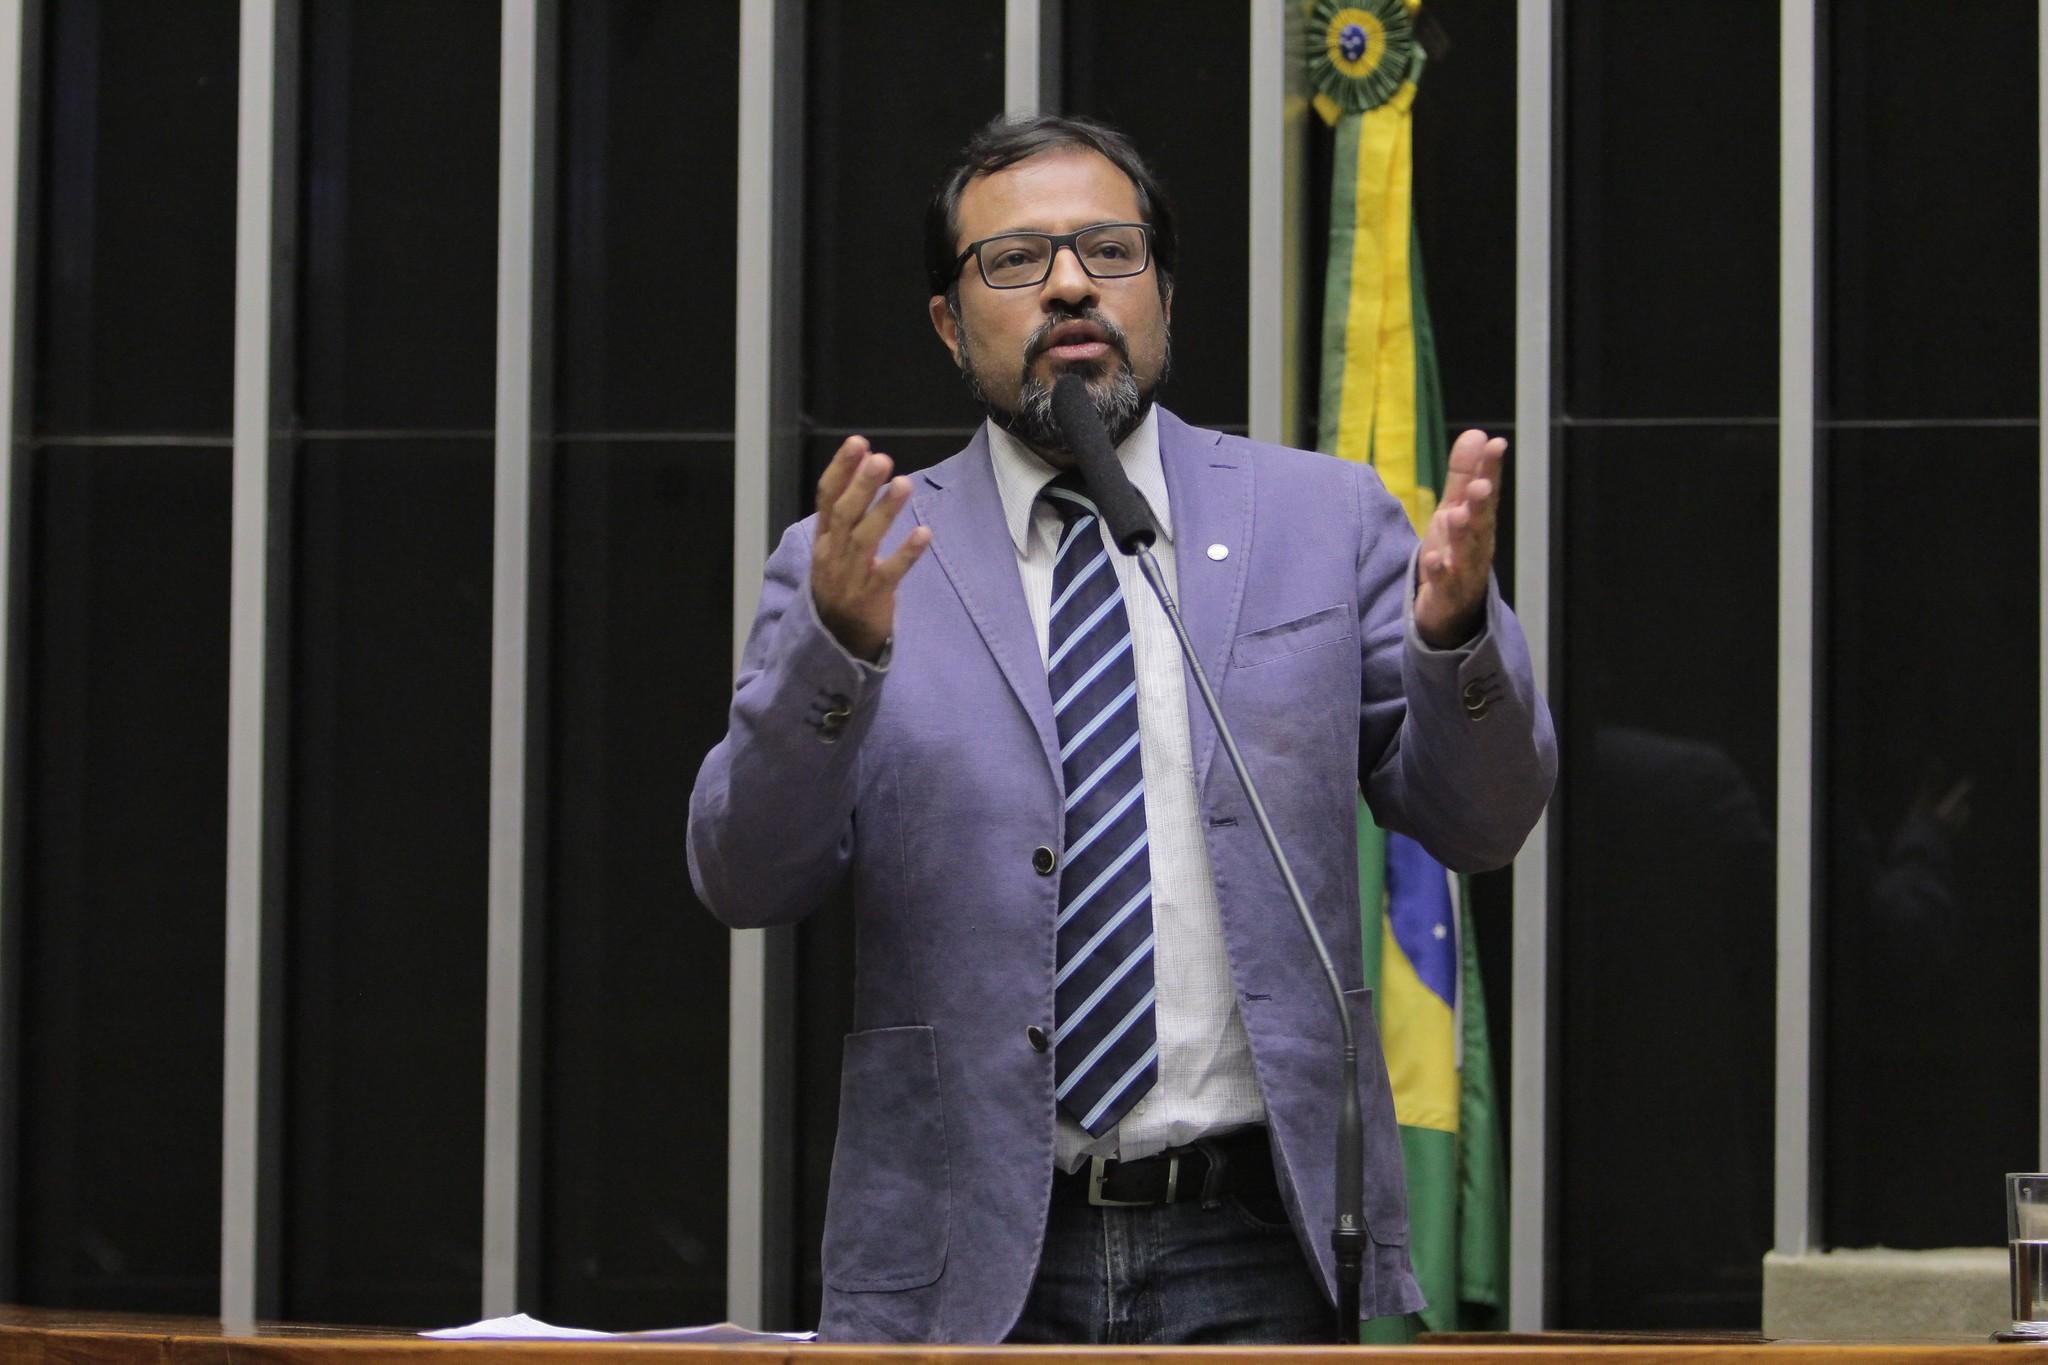 Ex-governador do AP é absolvido em ação sobre não repasse de recursos dos consignados a bancos - Notícias - Plantão Diário